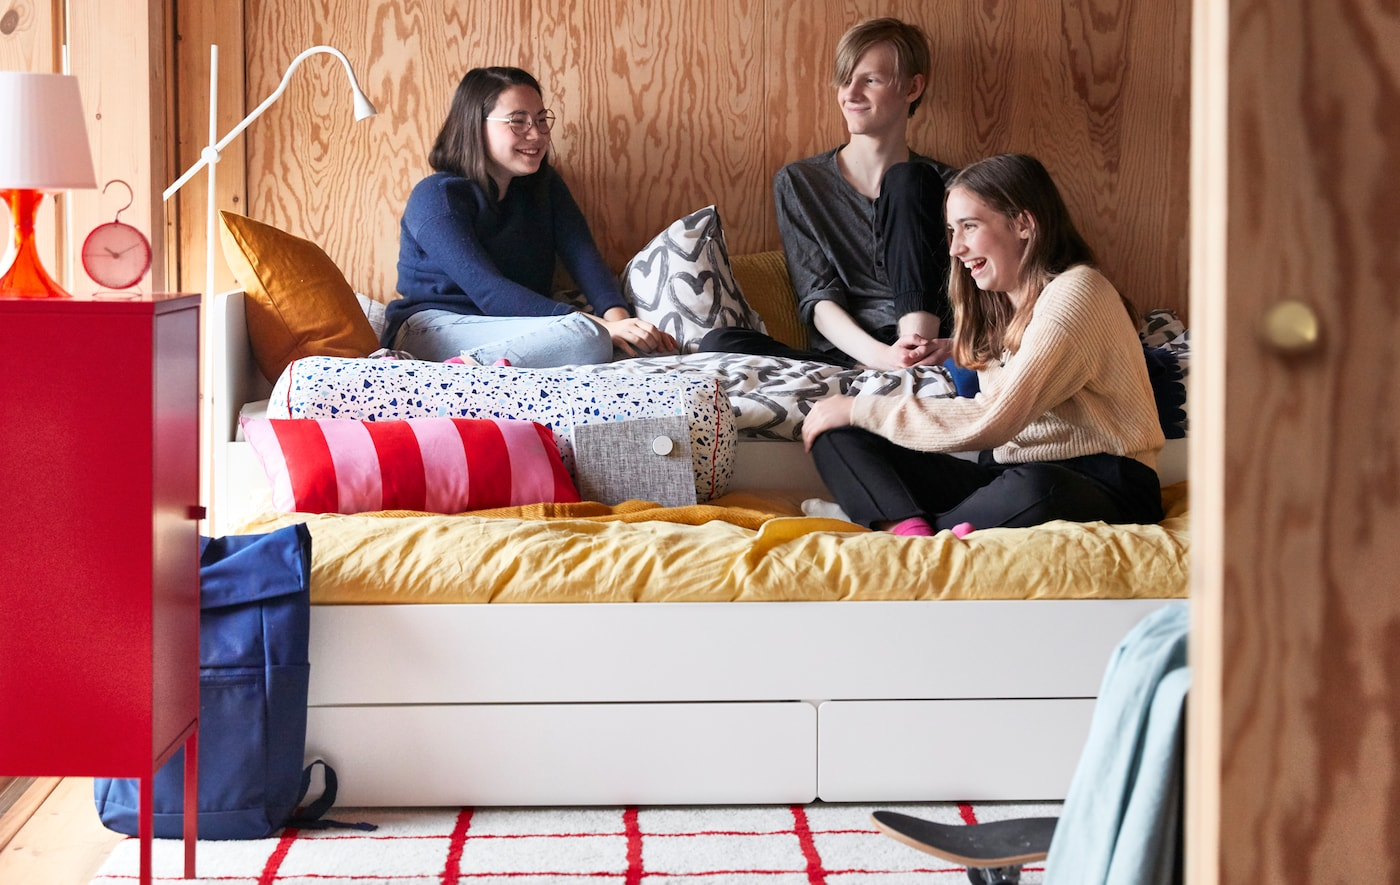 ウッドパネルのベッドルームで、ティーンエイジャーの仲間たちが、伸長式のSLÄKT/スレクト ベッドに集まって座り、お喋りしています。